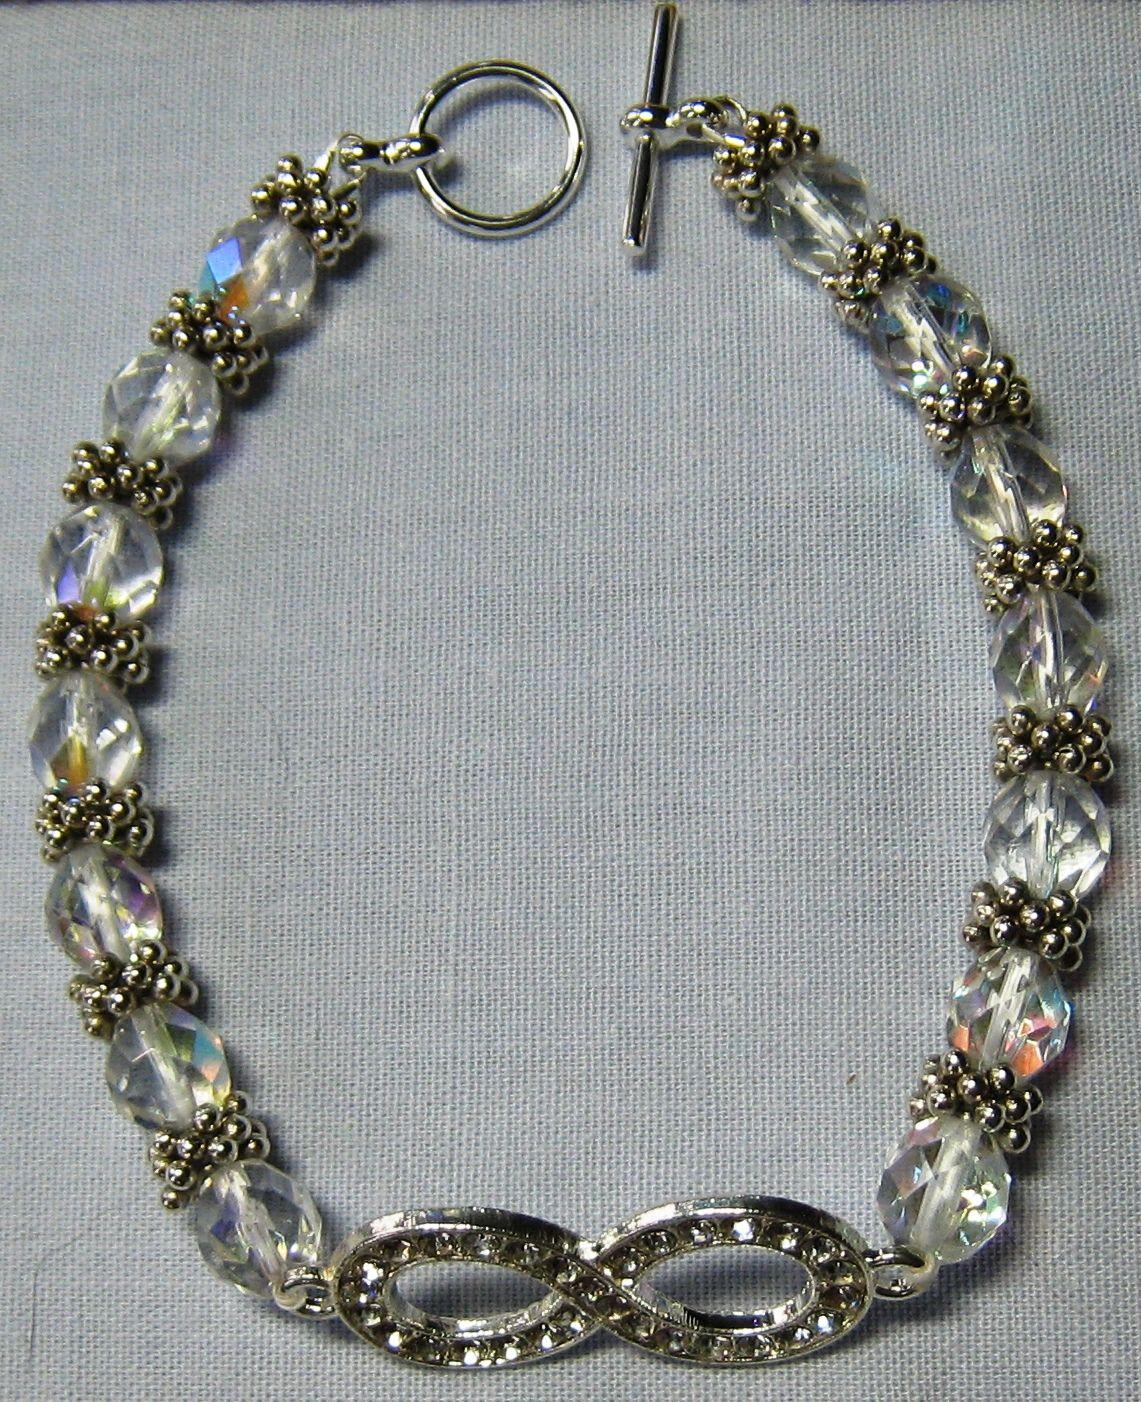 Jenny's Infinity Bracelet